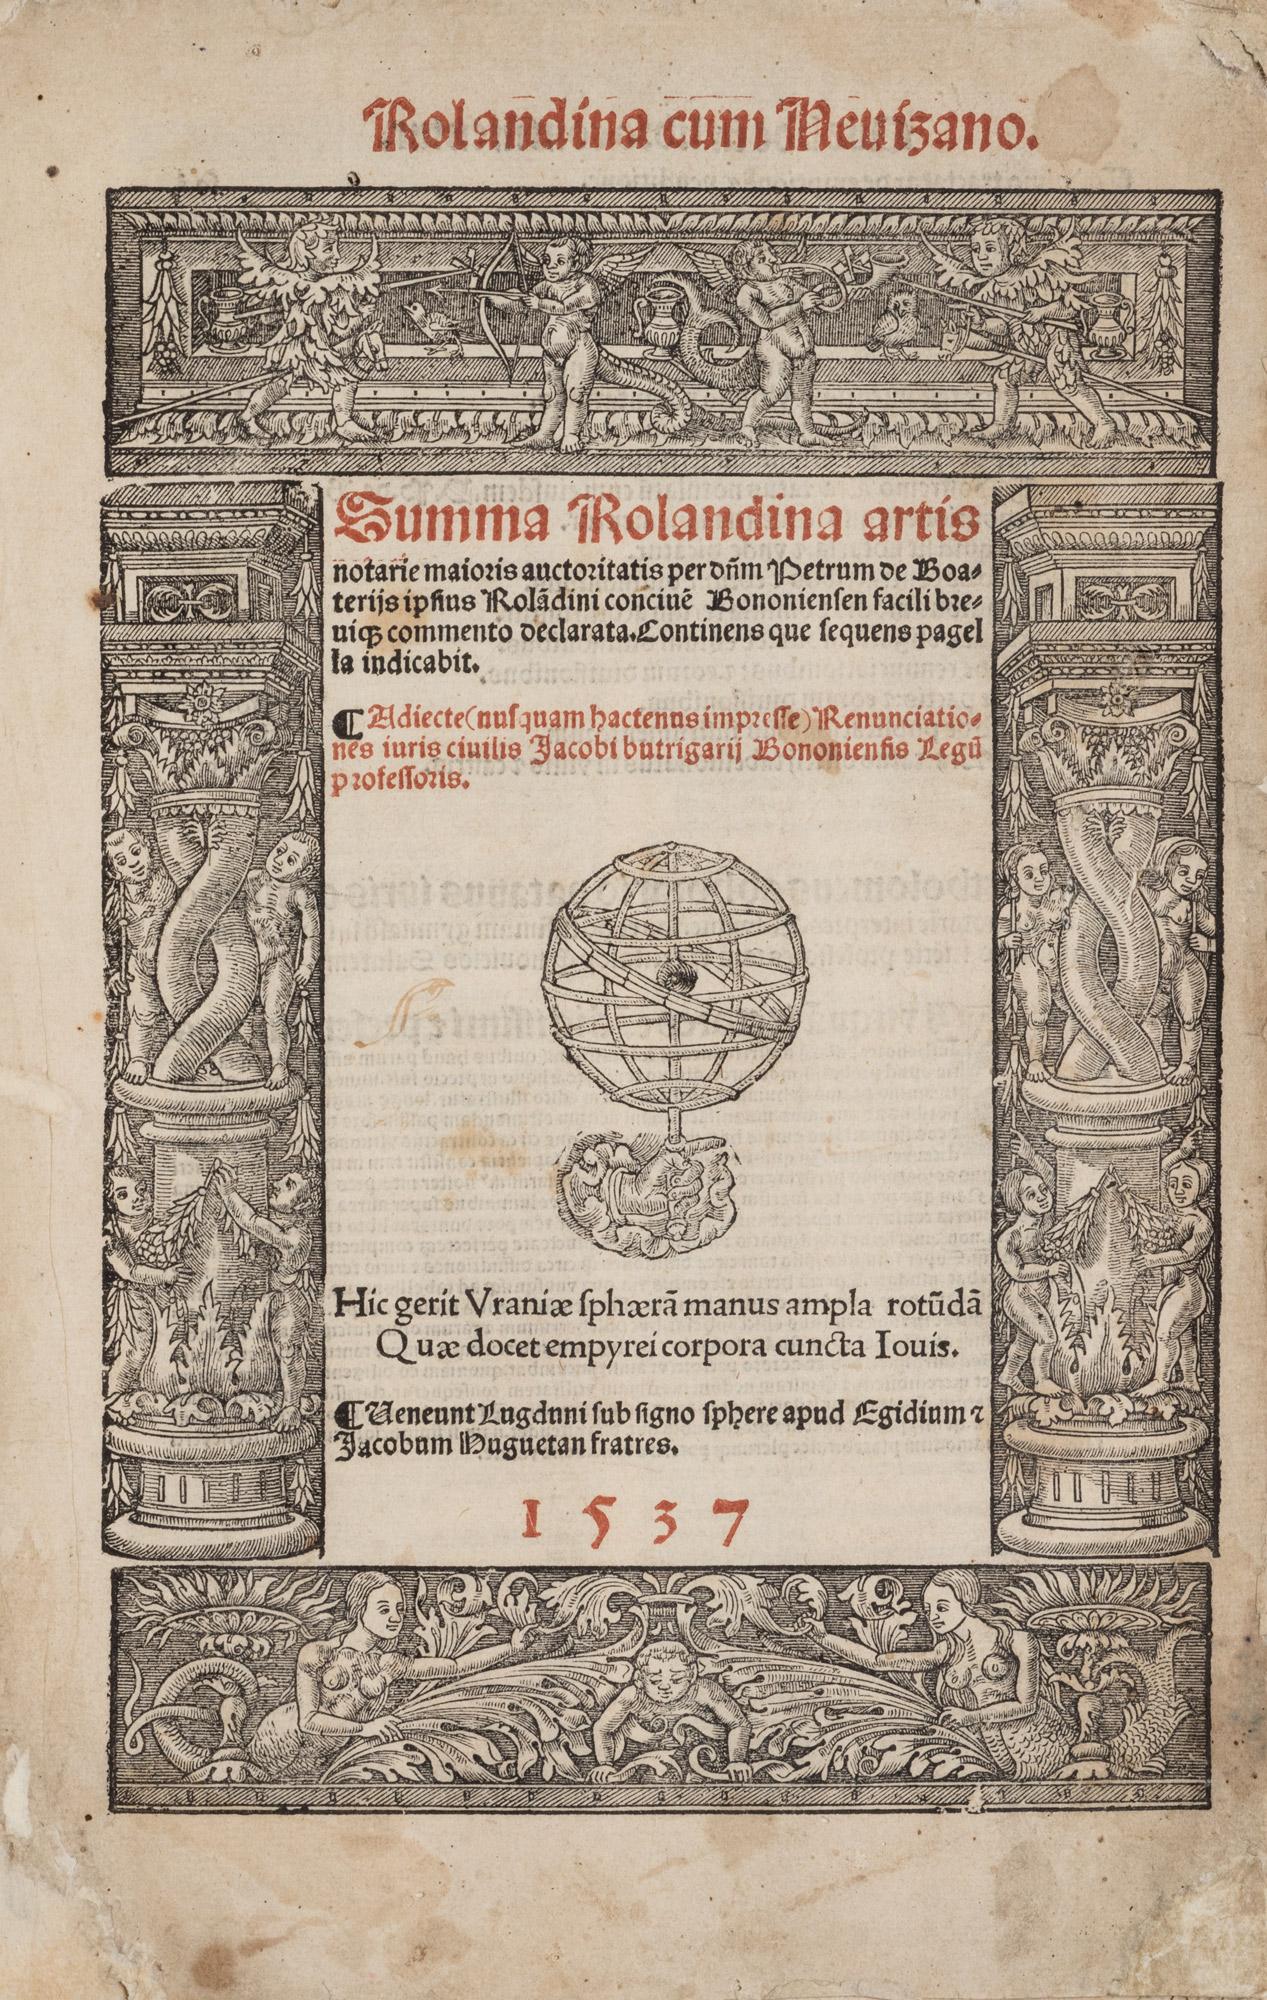 Rolandina cum Nevizano. Summa Rolandina artis notarie maioris auctoritatis per Dominum Petrum de Boateriis…